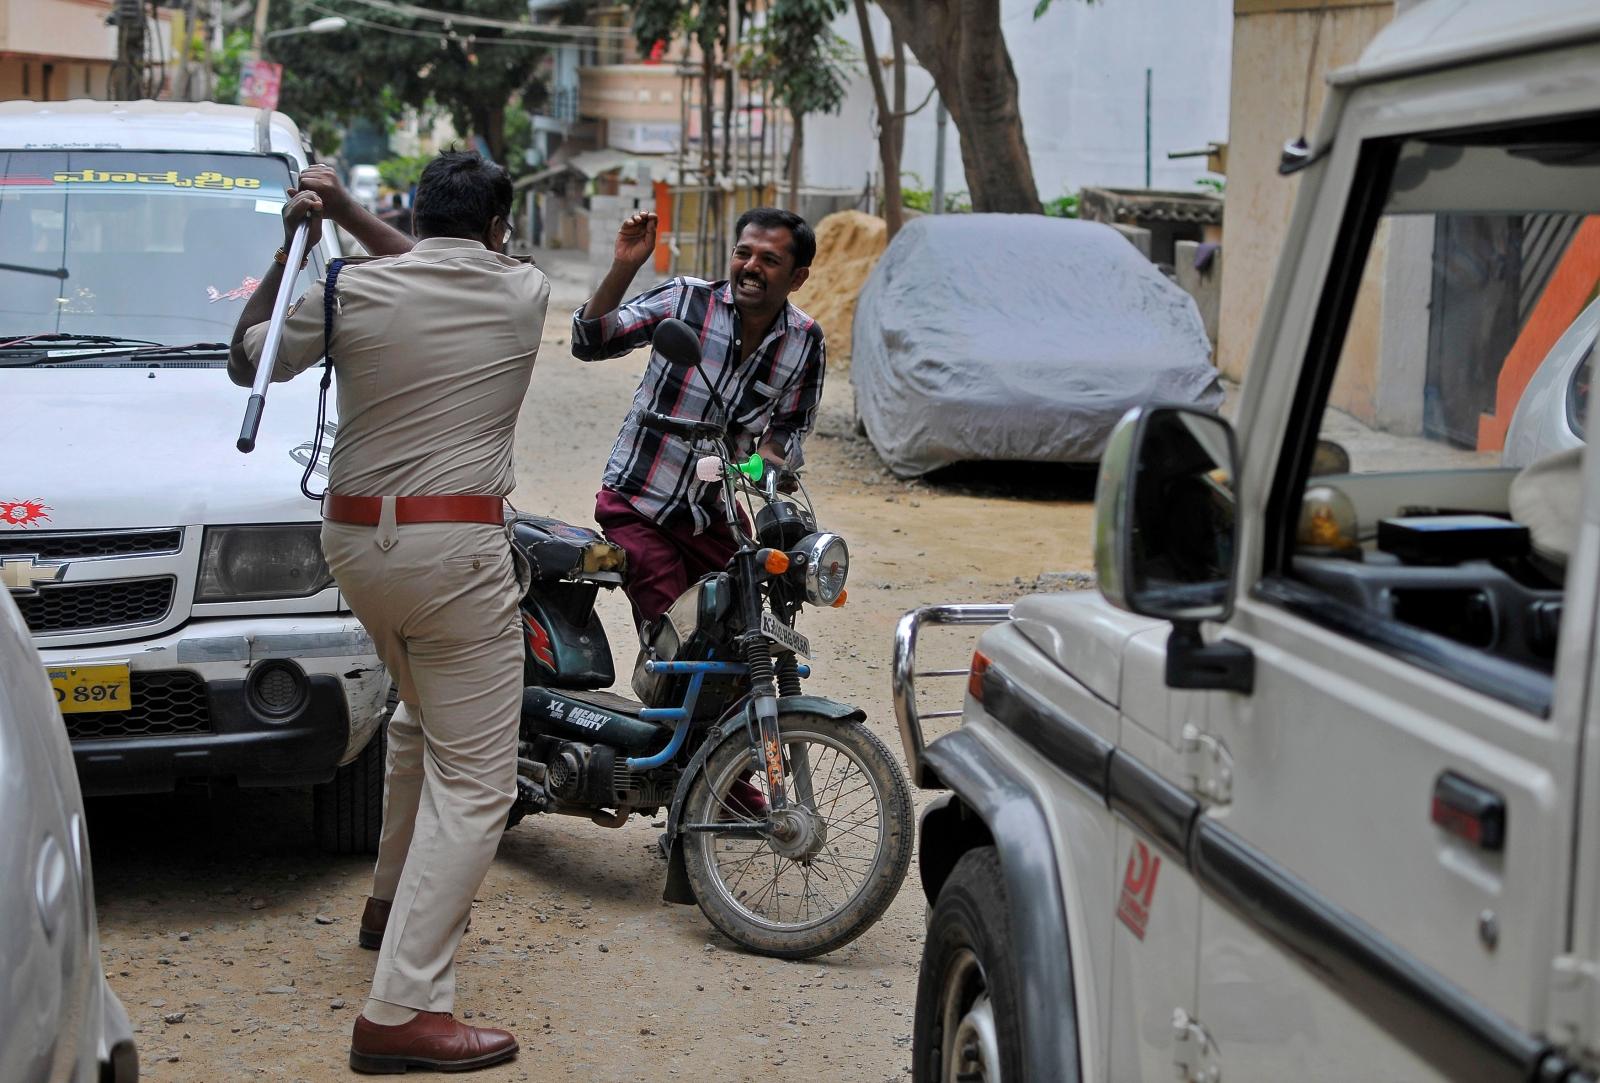 Bengaluru riots Cauvery river